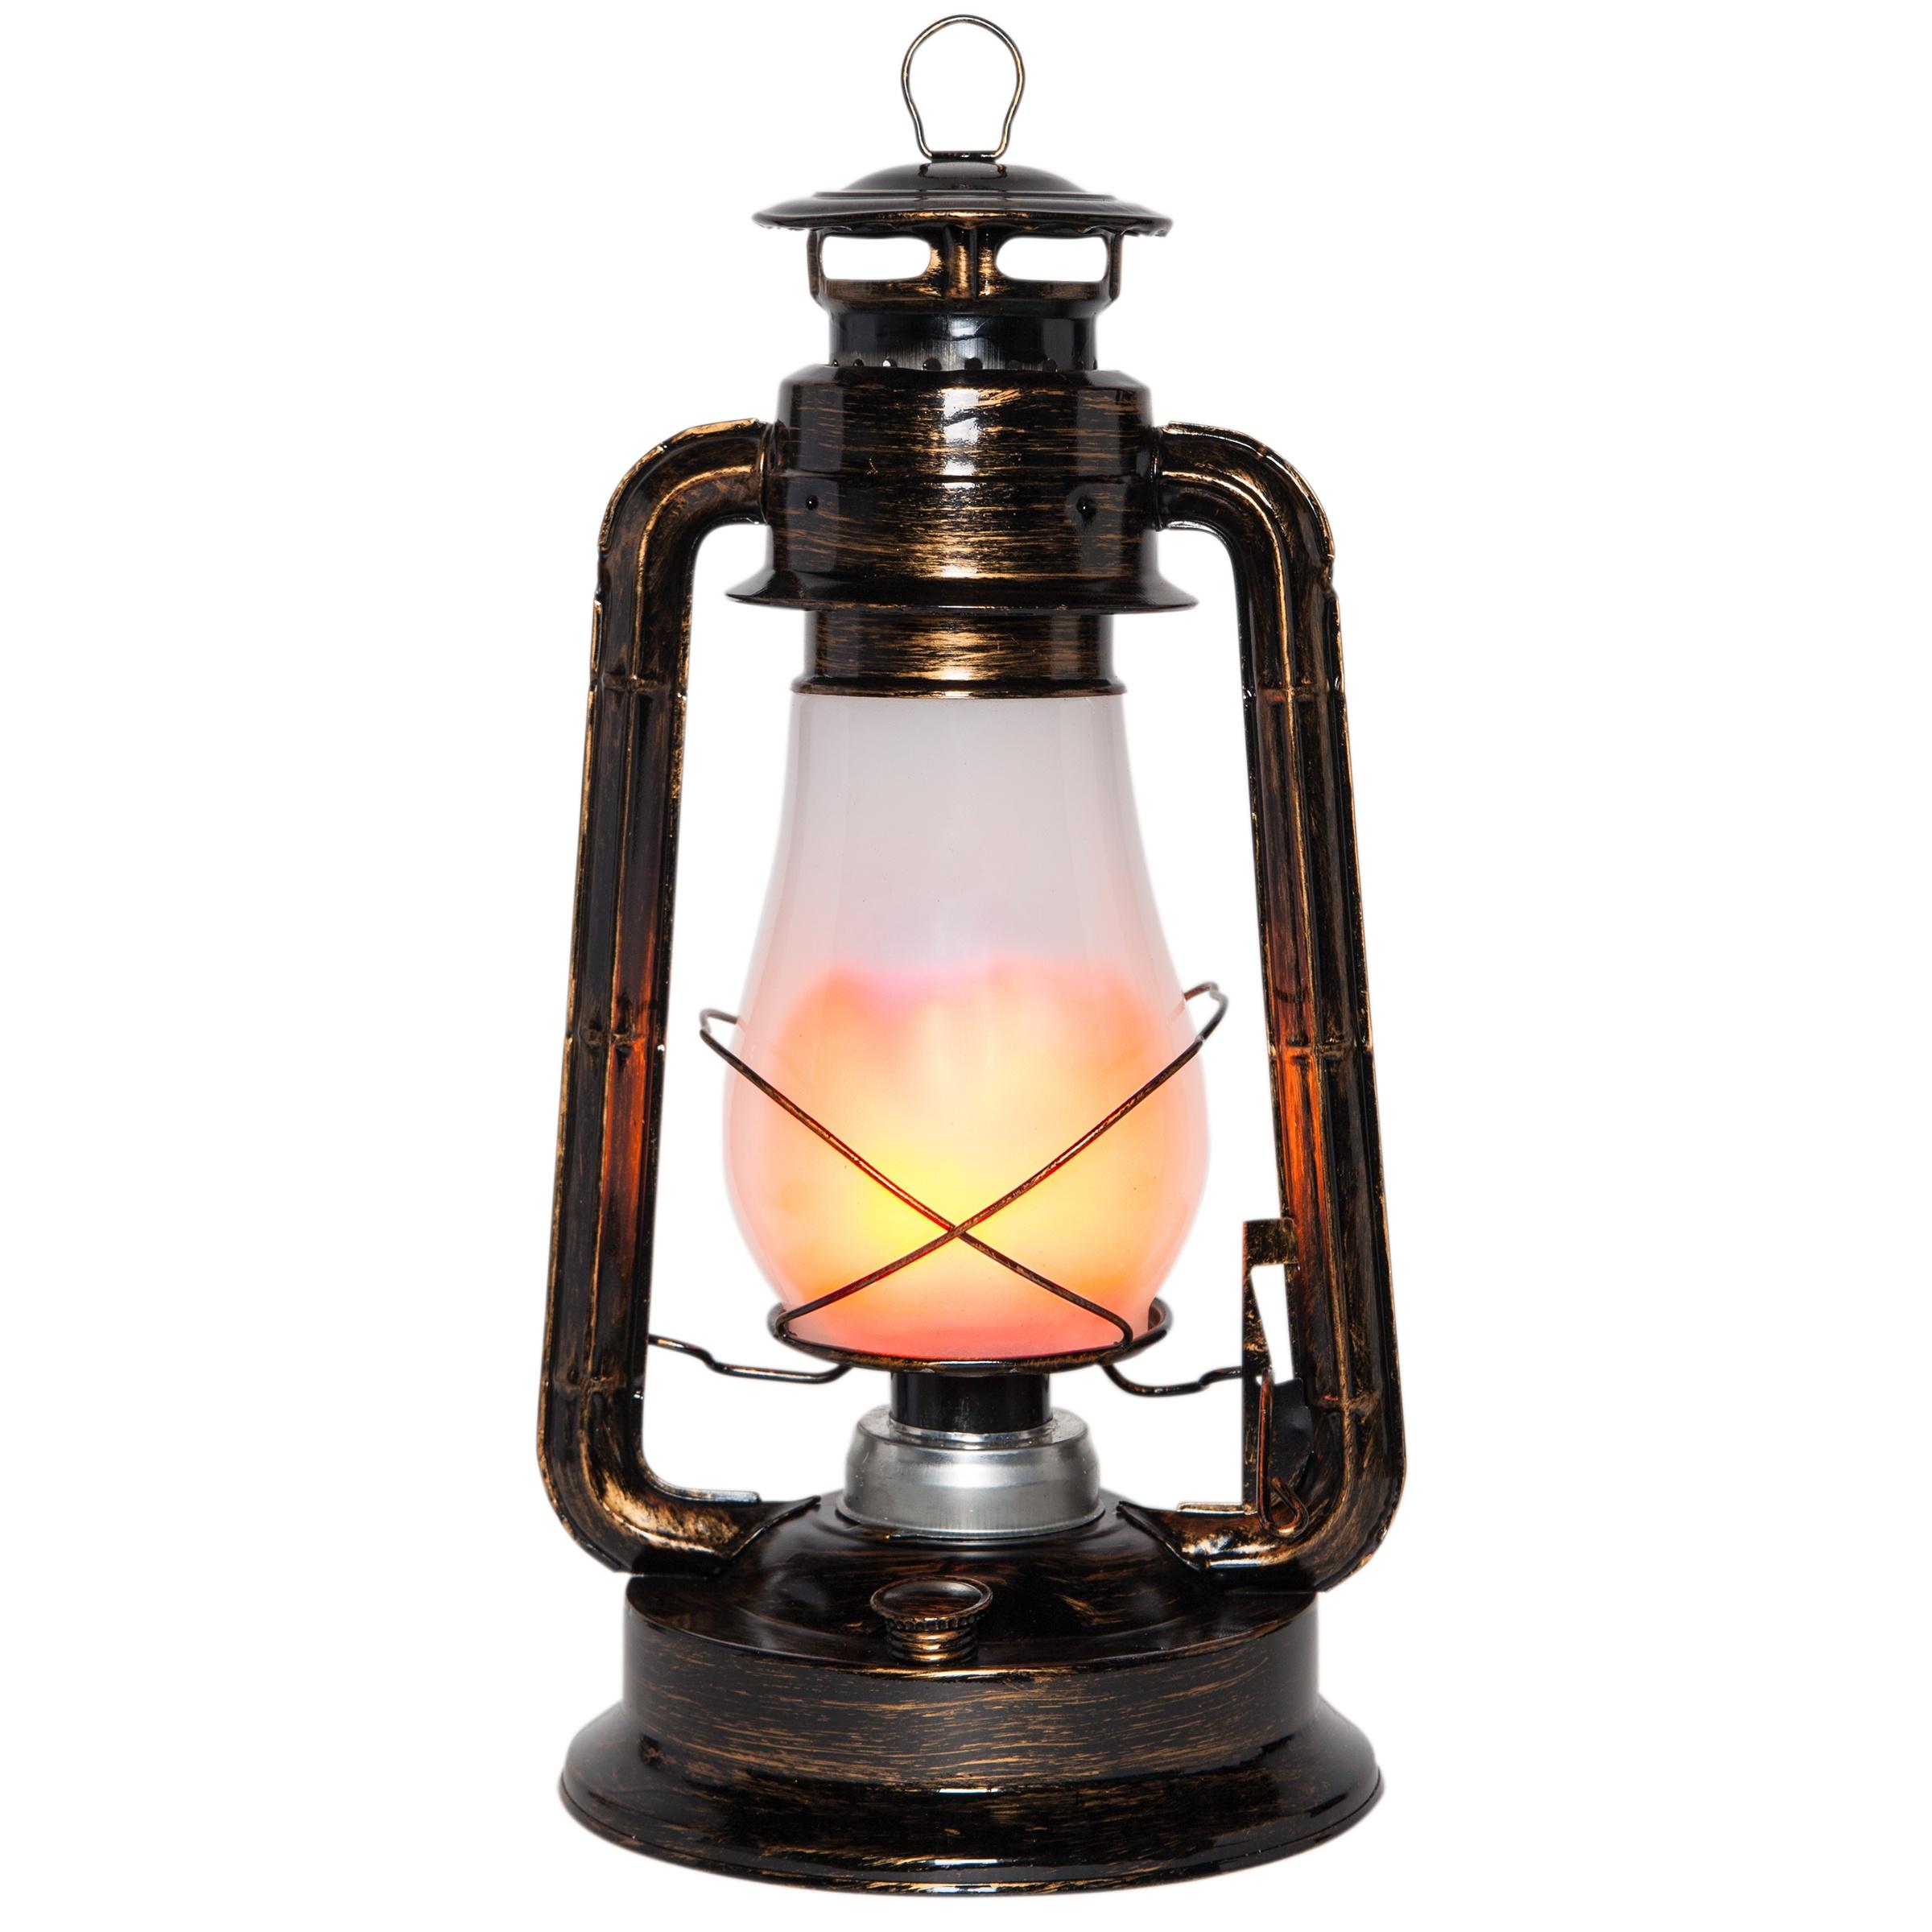 Pittura Shabby Leroy Merlin led lantern - decorative lantern with flickering led candle